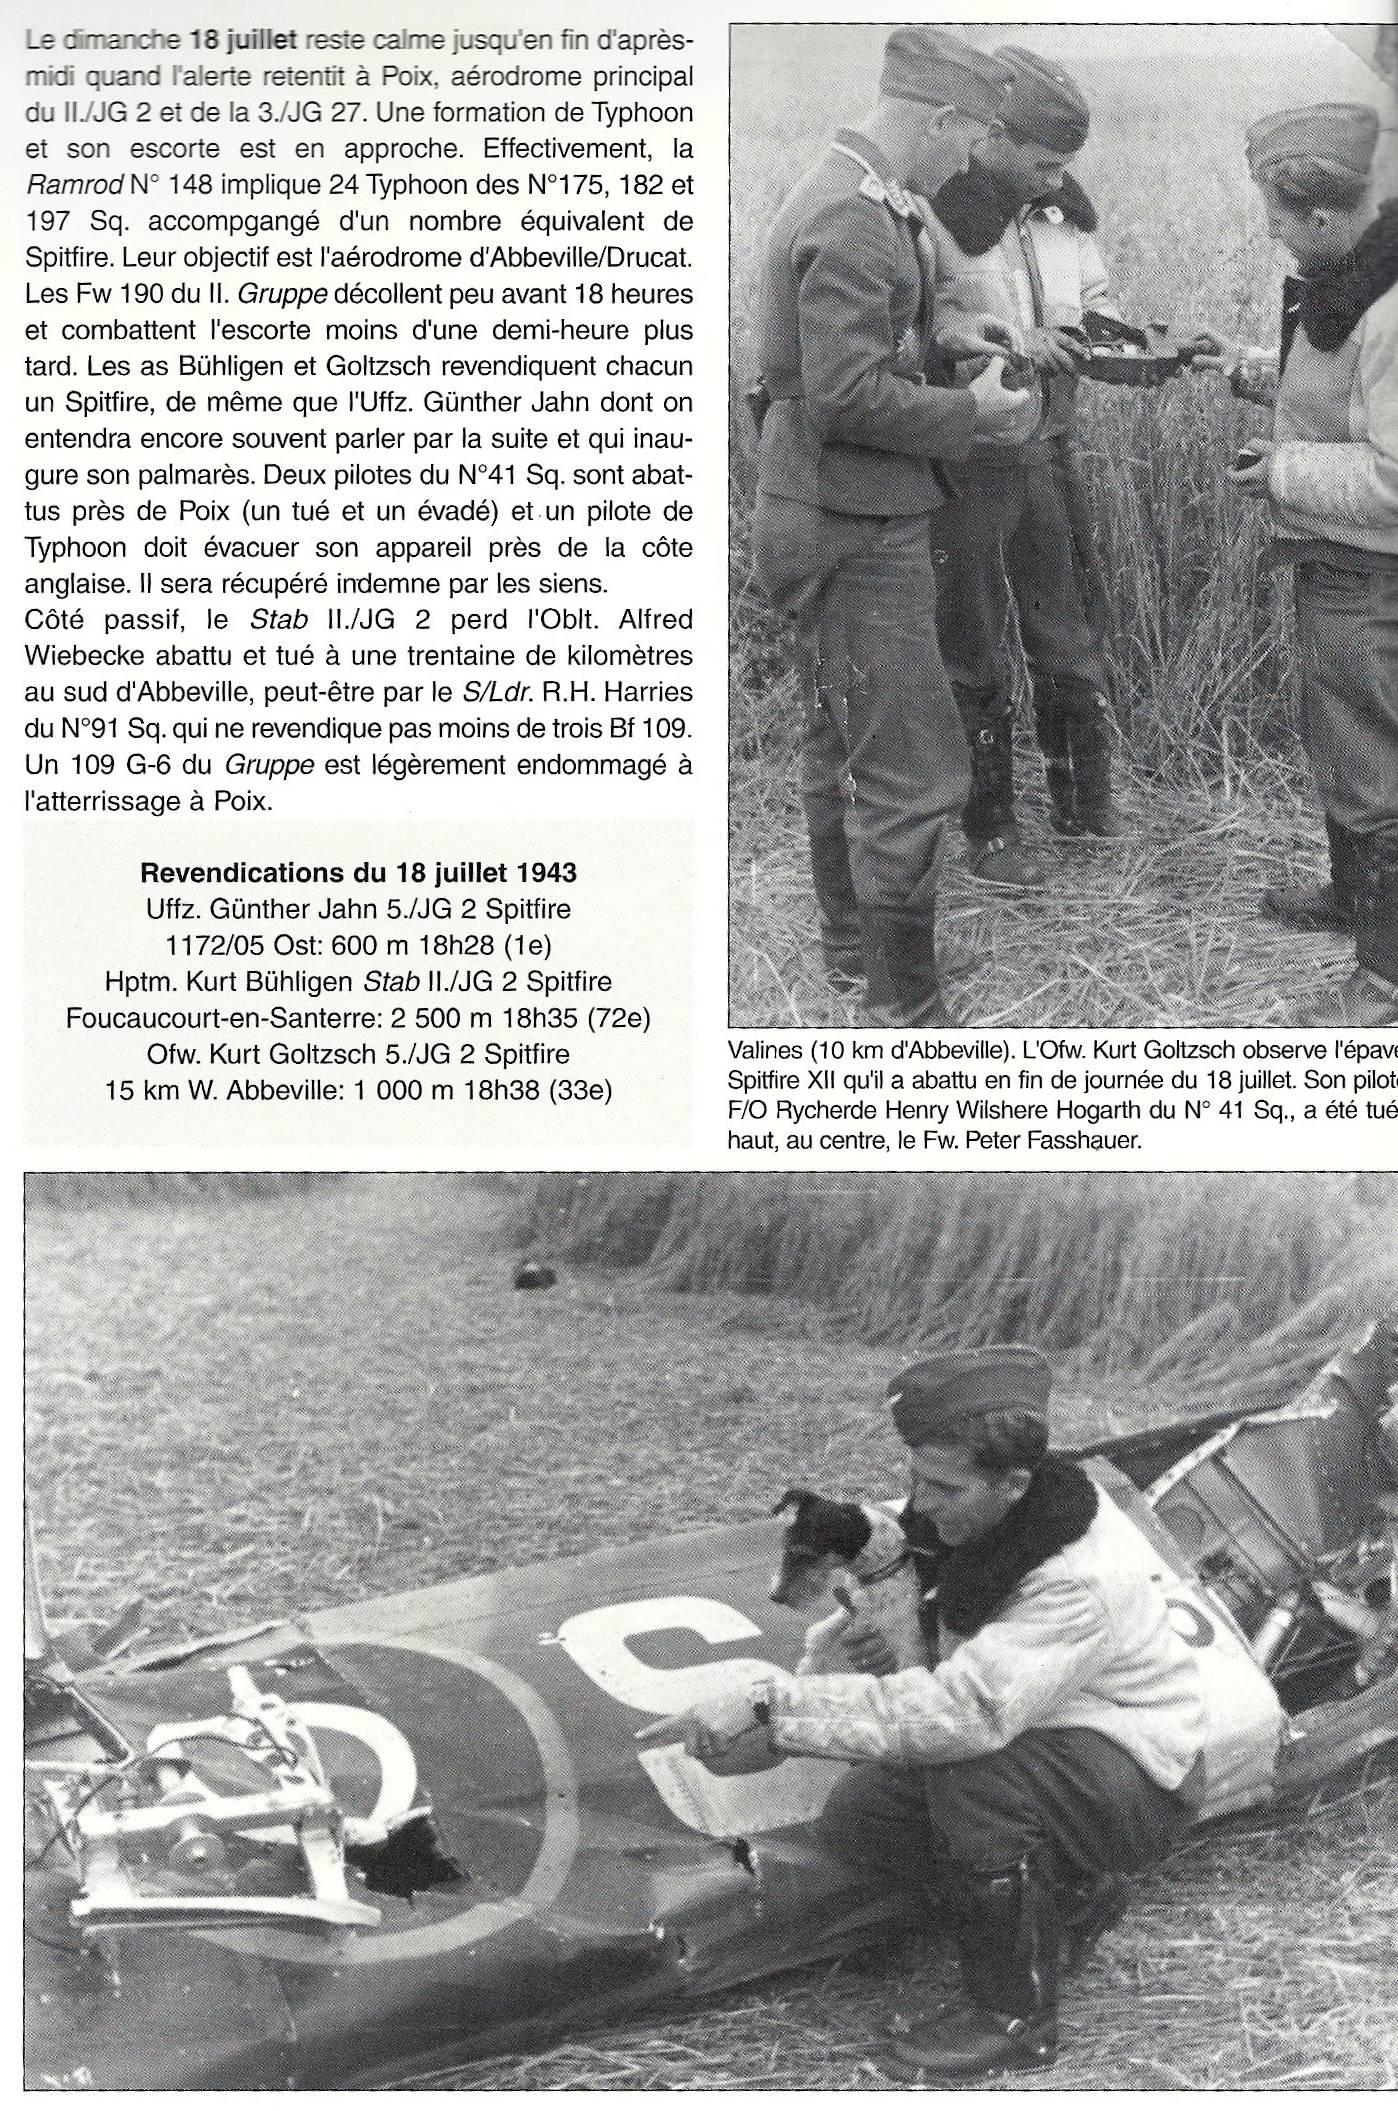 75ème anniversaire de la libération de la ville d'Abbeville Somme Valine10